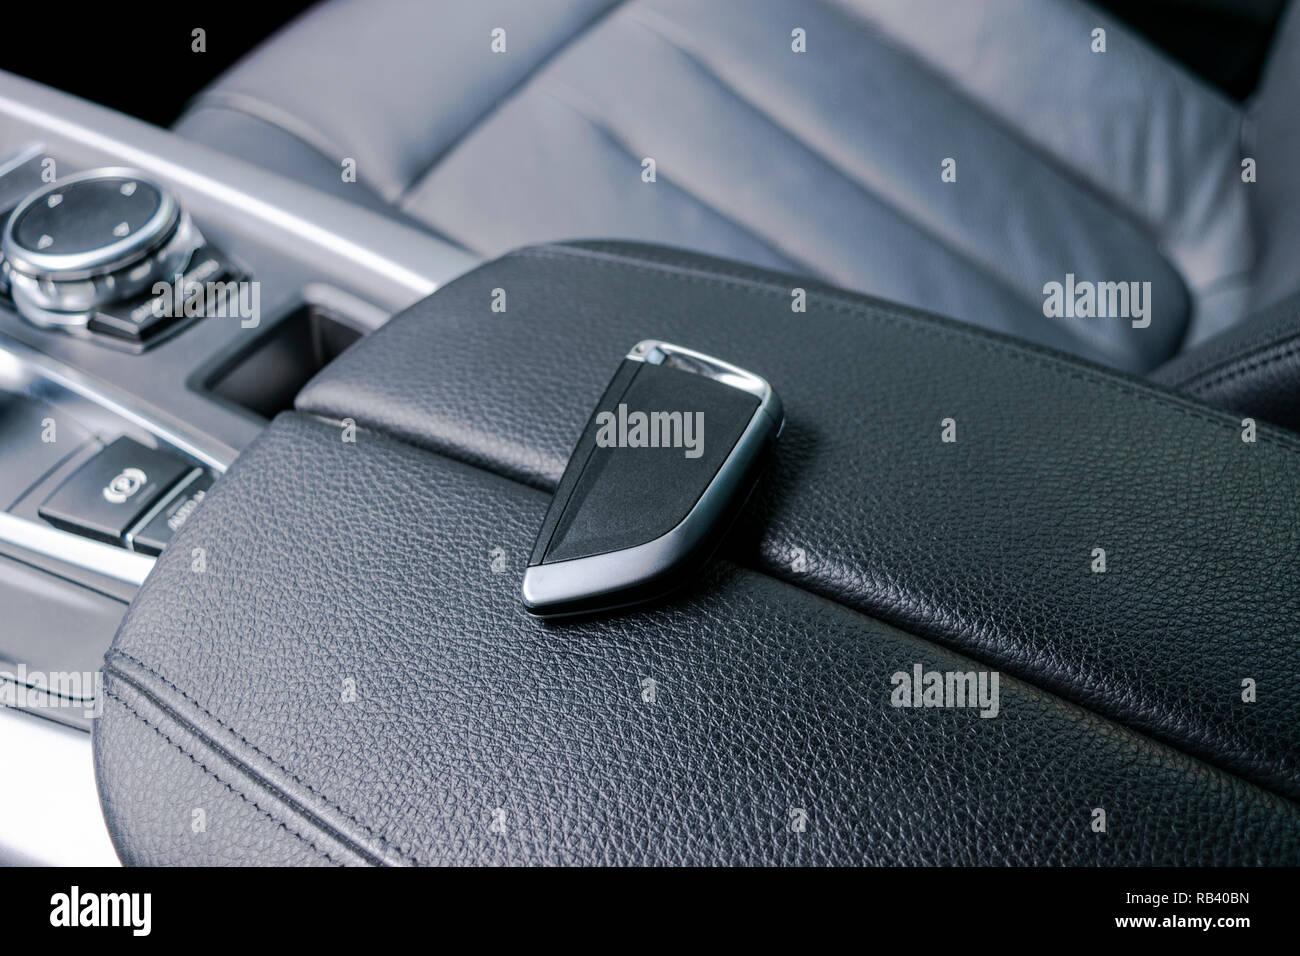 Closeup inside vehicle of wireless key ignition  Start